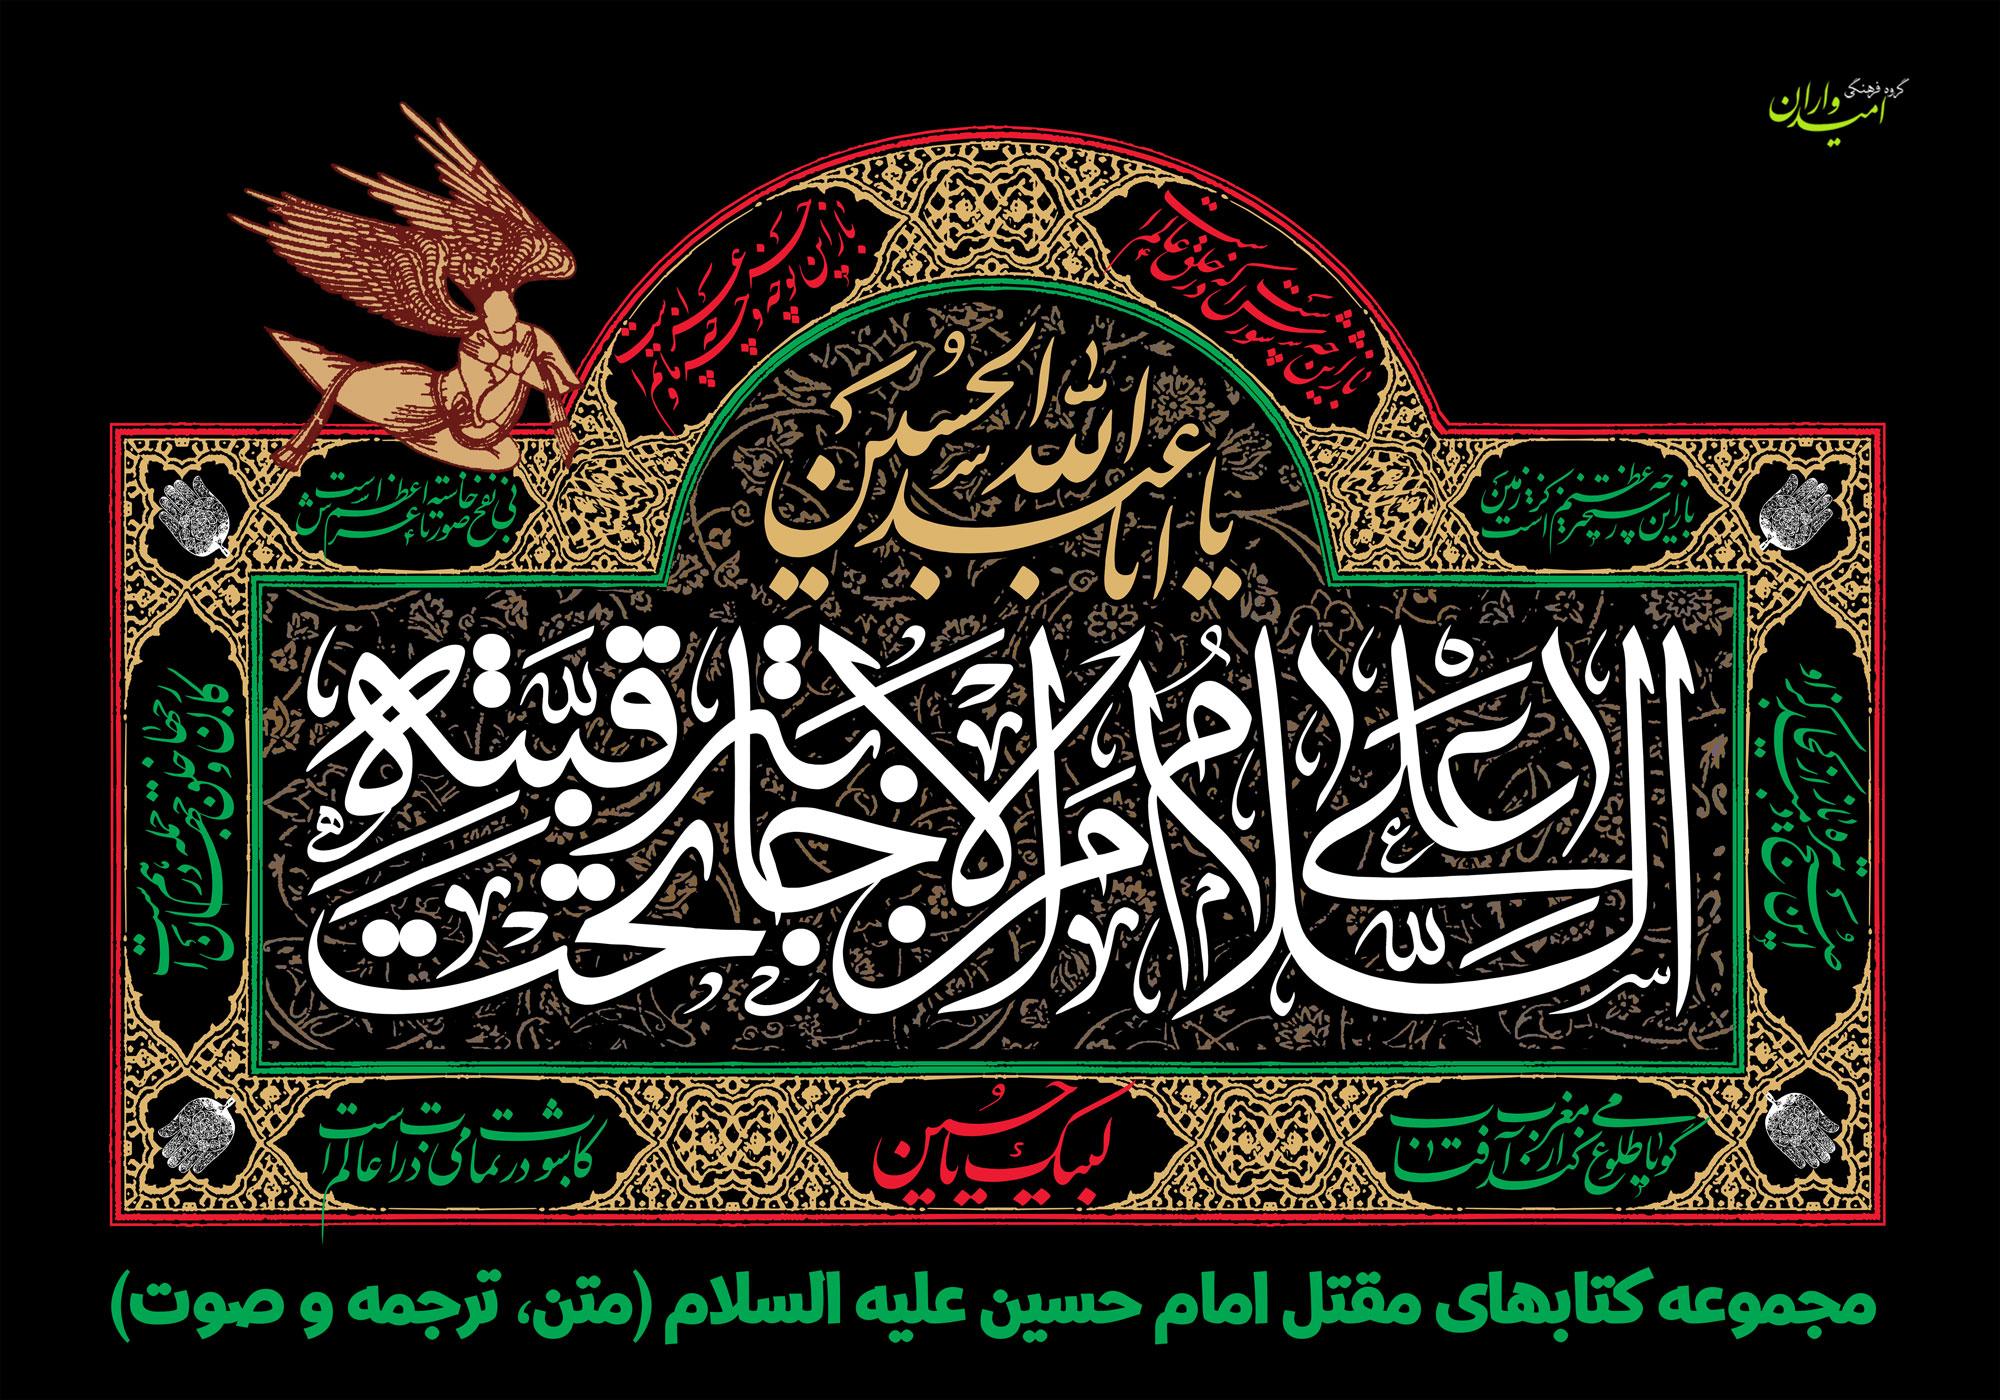 مقتل و روضه: نحوه شهادت طفل شیرخوار امام حسین علیه السلام براساس نقل تاریخ یعقوبی